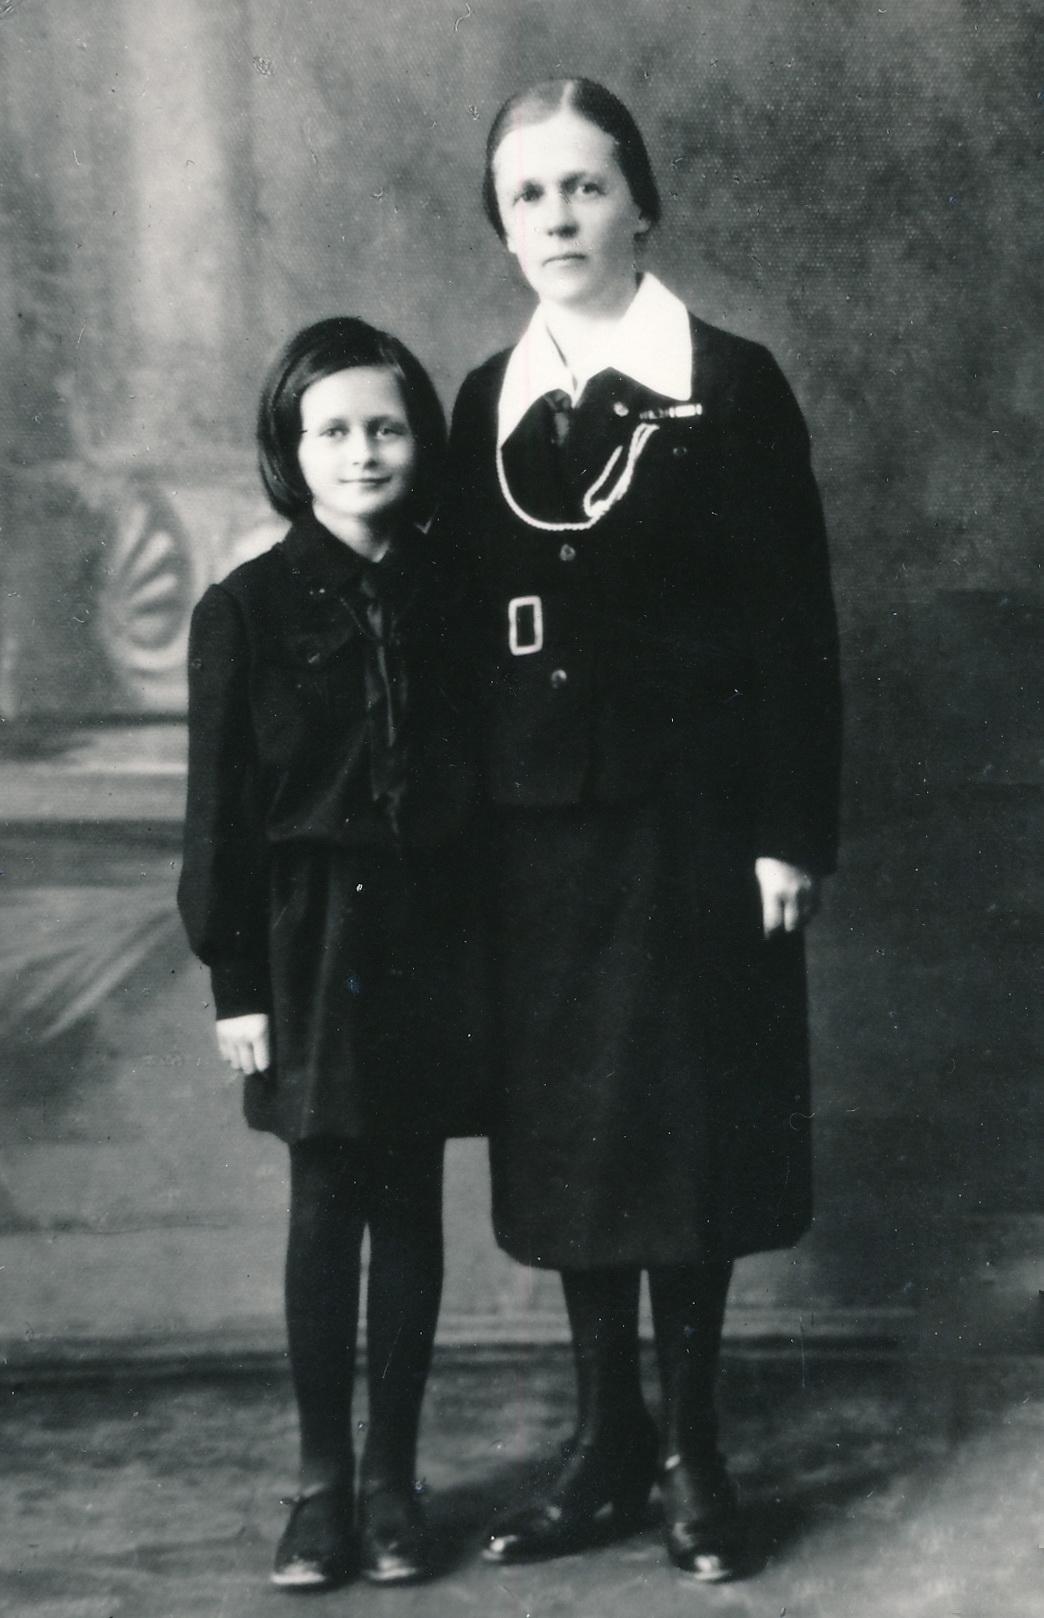 Su dukra Rimgaile 1940-aisiais Panevėžyje. PANEVĖŽIO APSKRITIES GABRIELĖS PETKEVIČAITĖS-BITĖS VIEŠOSIOS BIBLIOTEKOS (Onos Maksimaitienės fondo) nuotr.